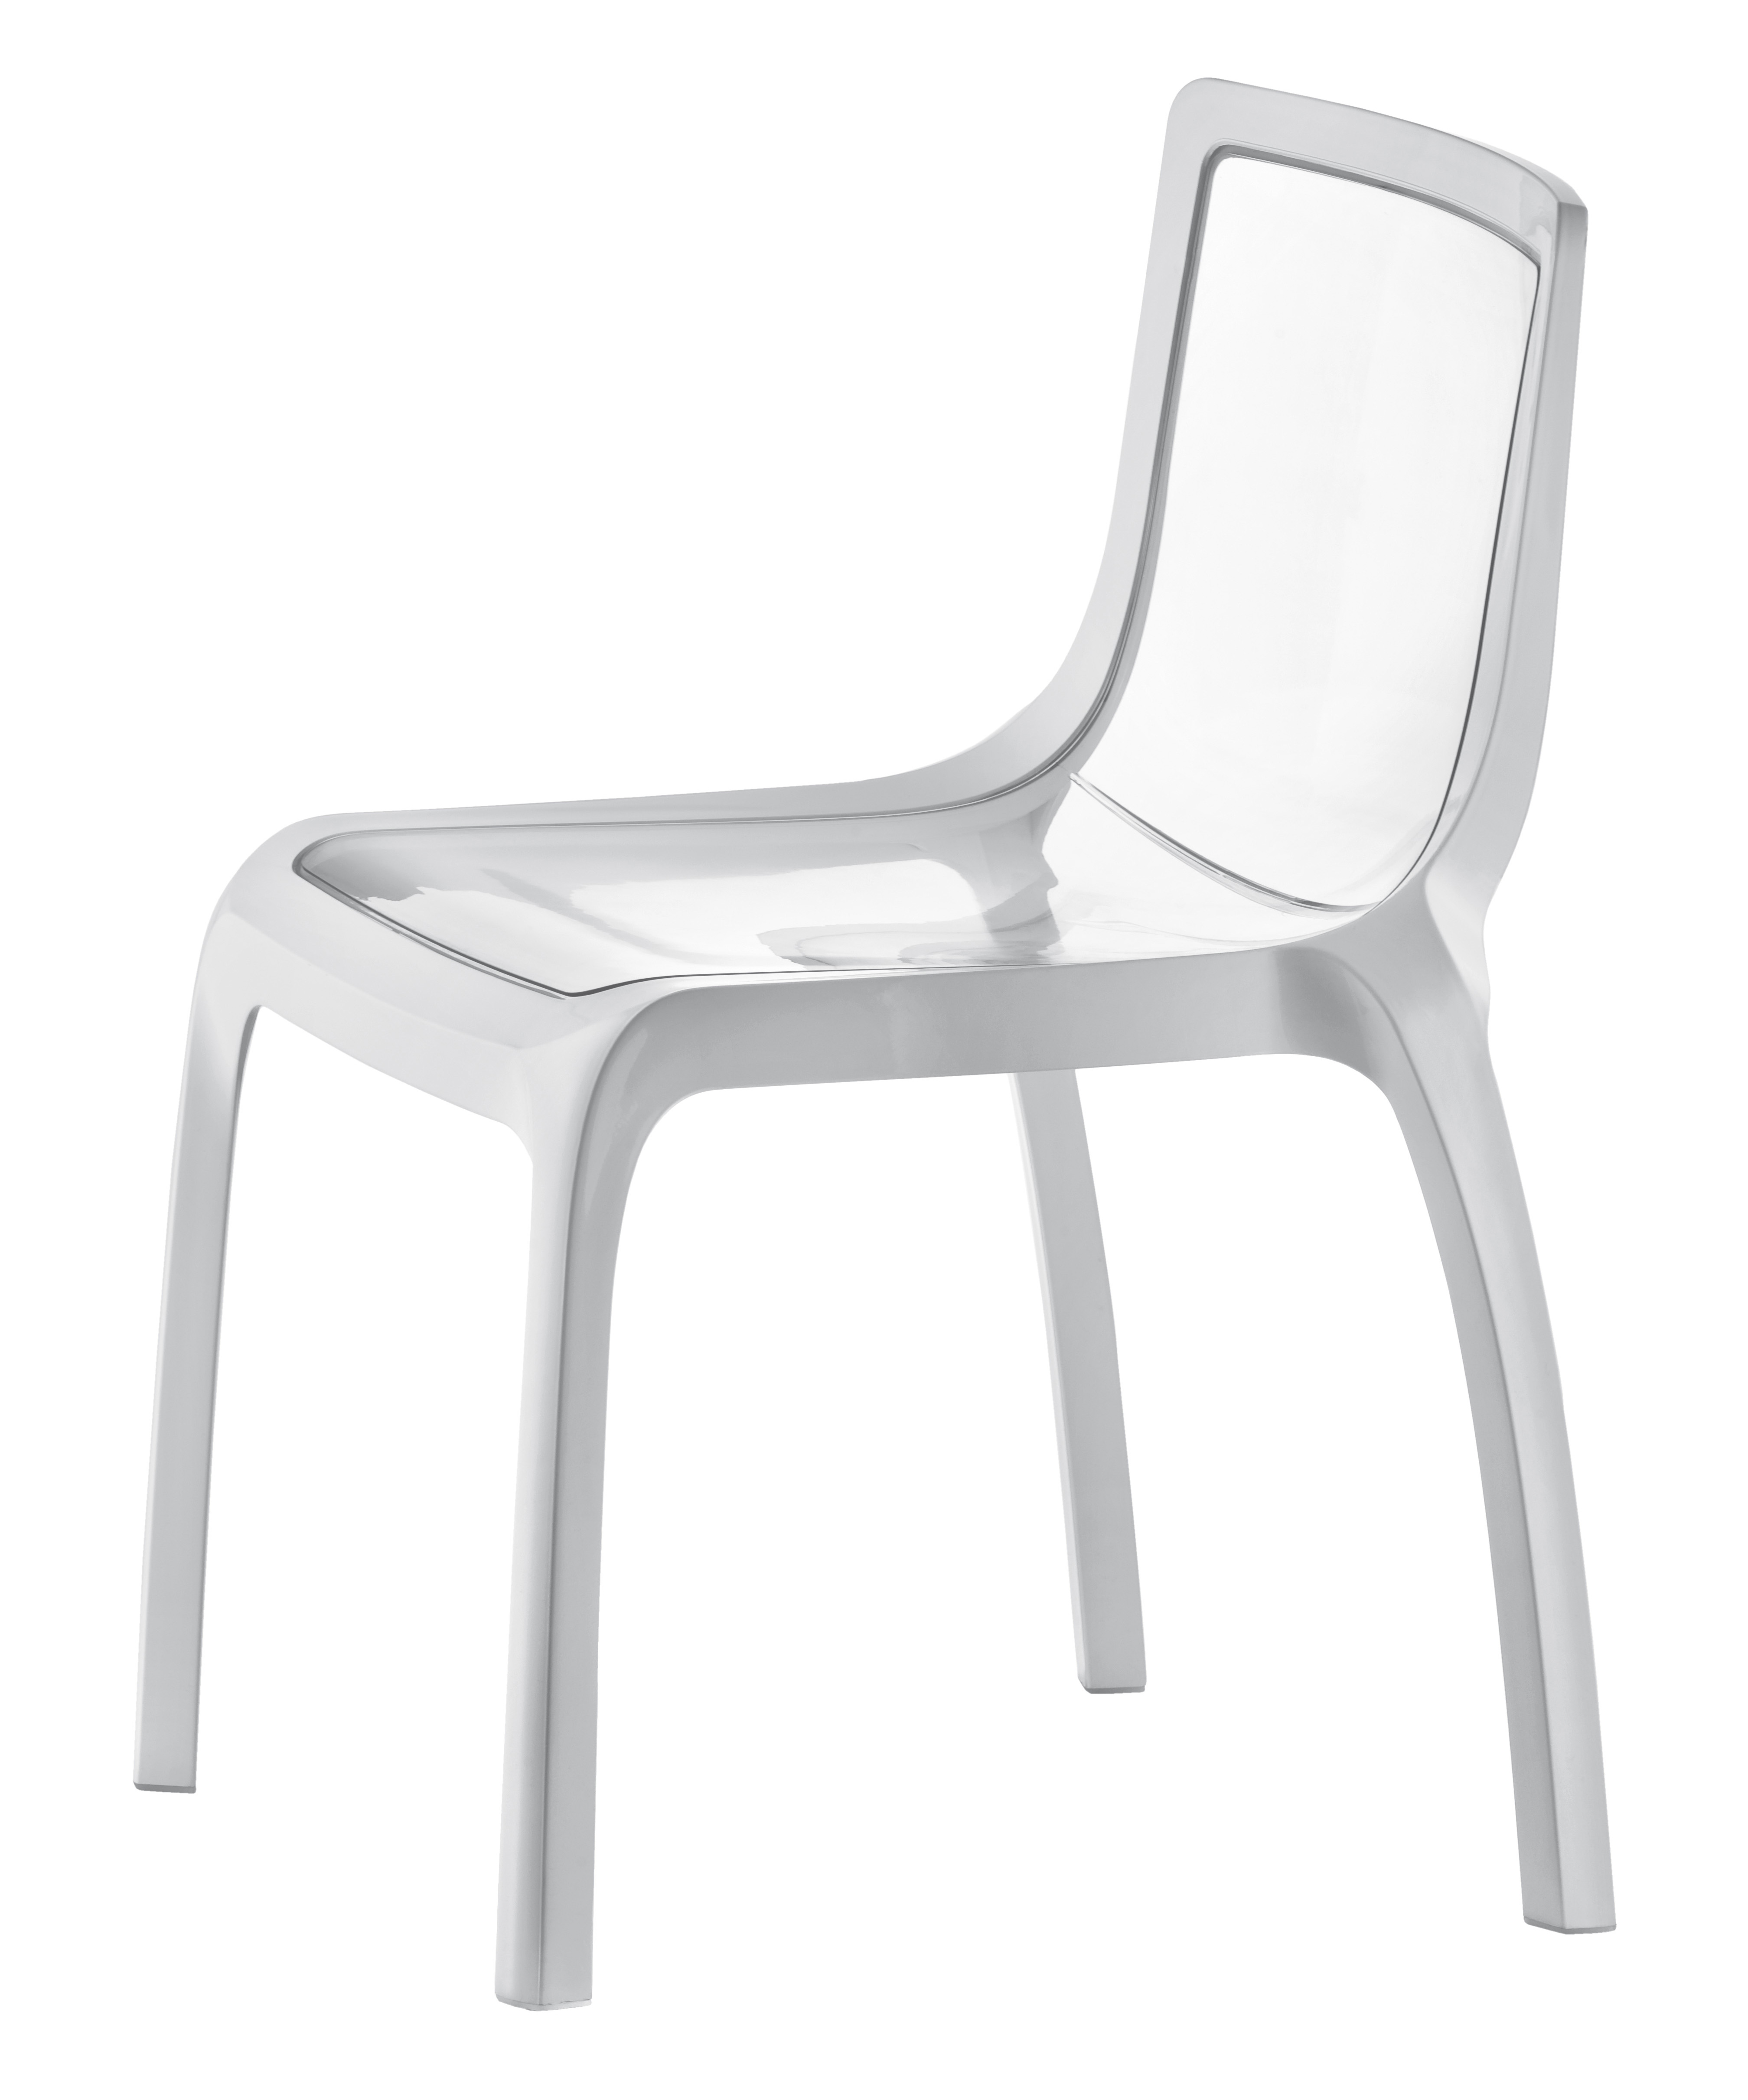 CUBE XL Franchi Sedie sedie, sgabelli, ufficio, tavoli